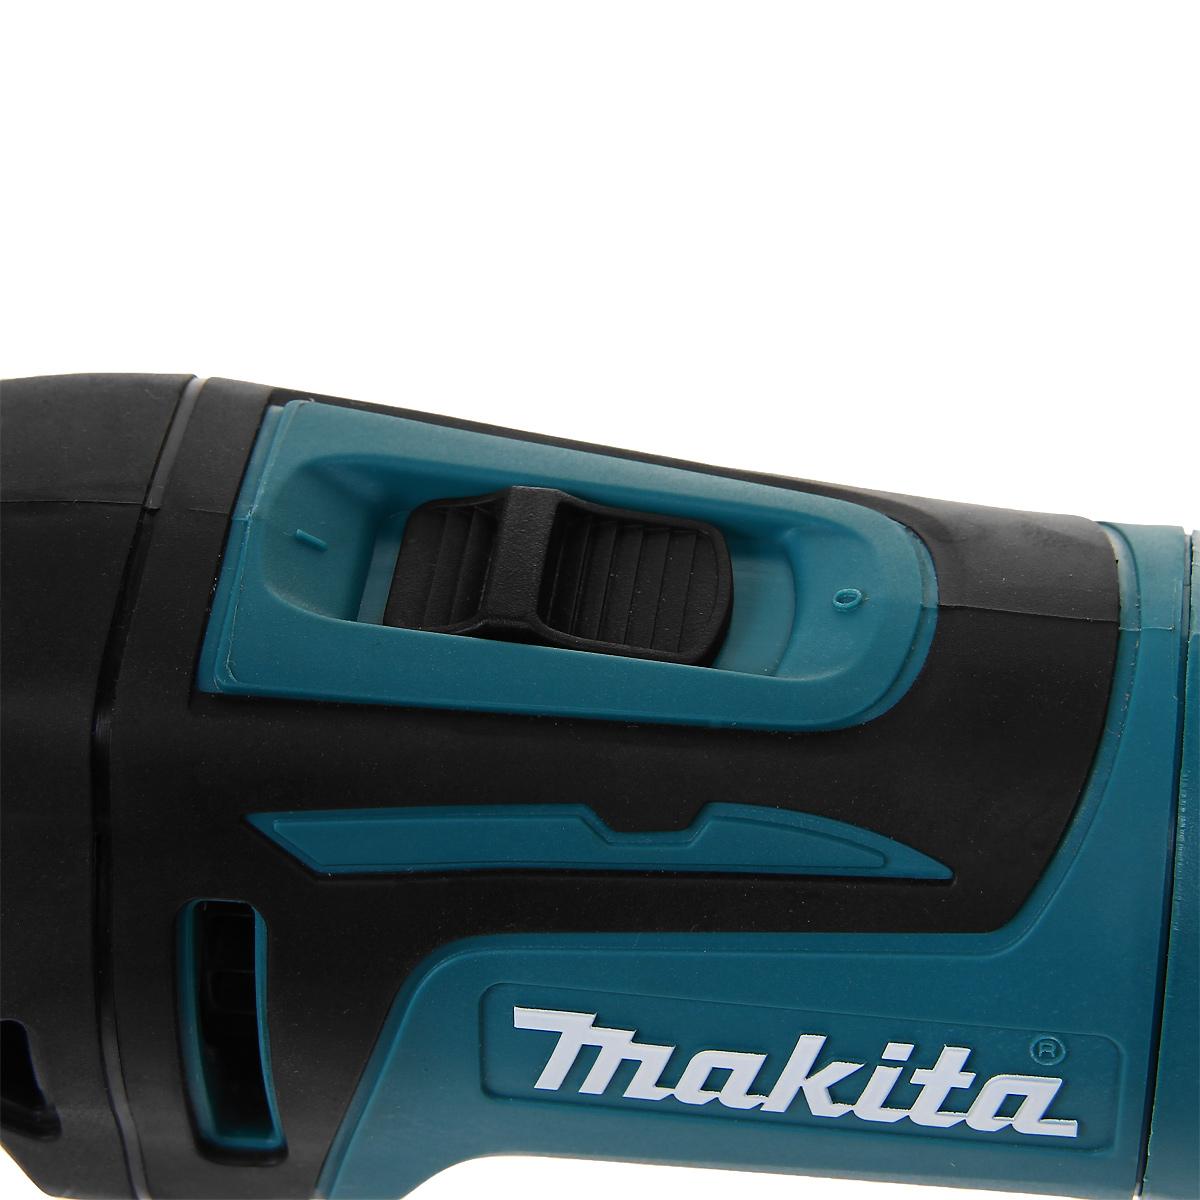 Резак универсальный Makita TM3000CX2 ( TM3000CX2 )